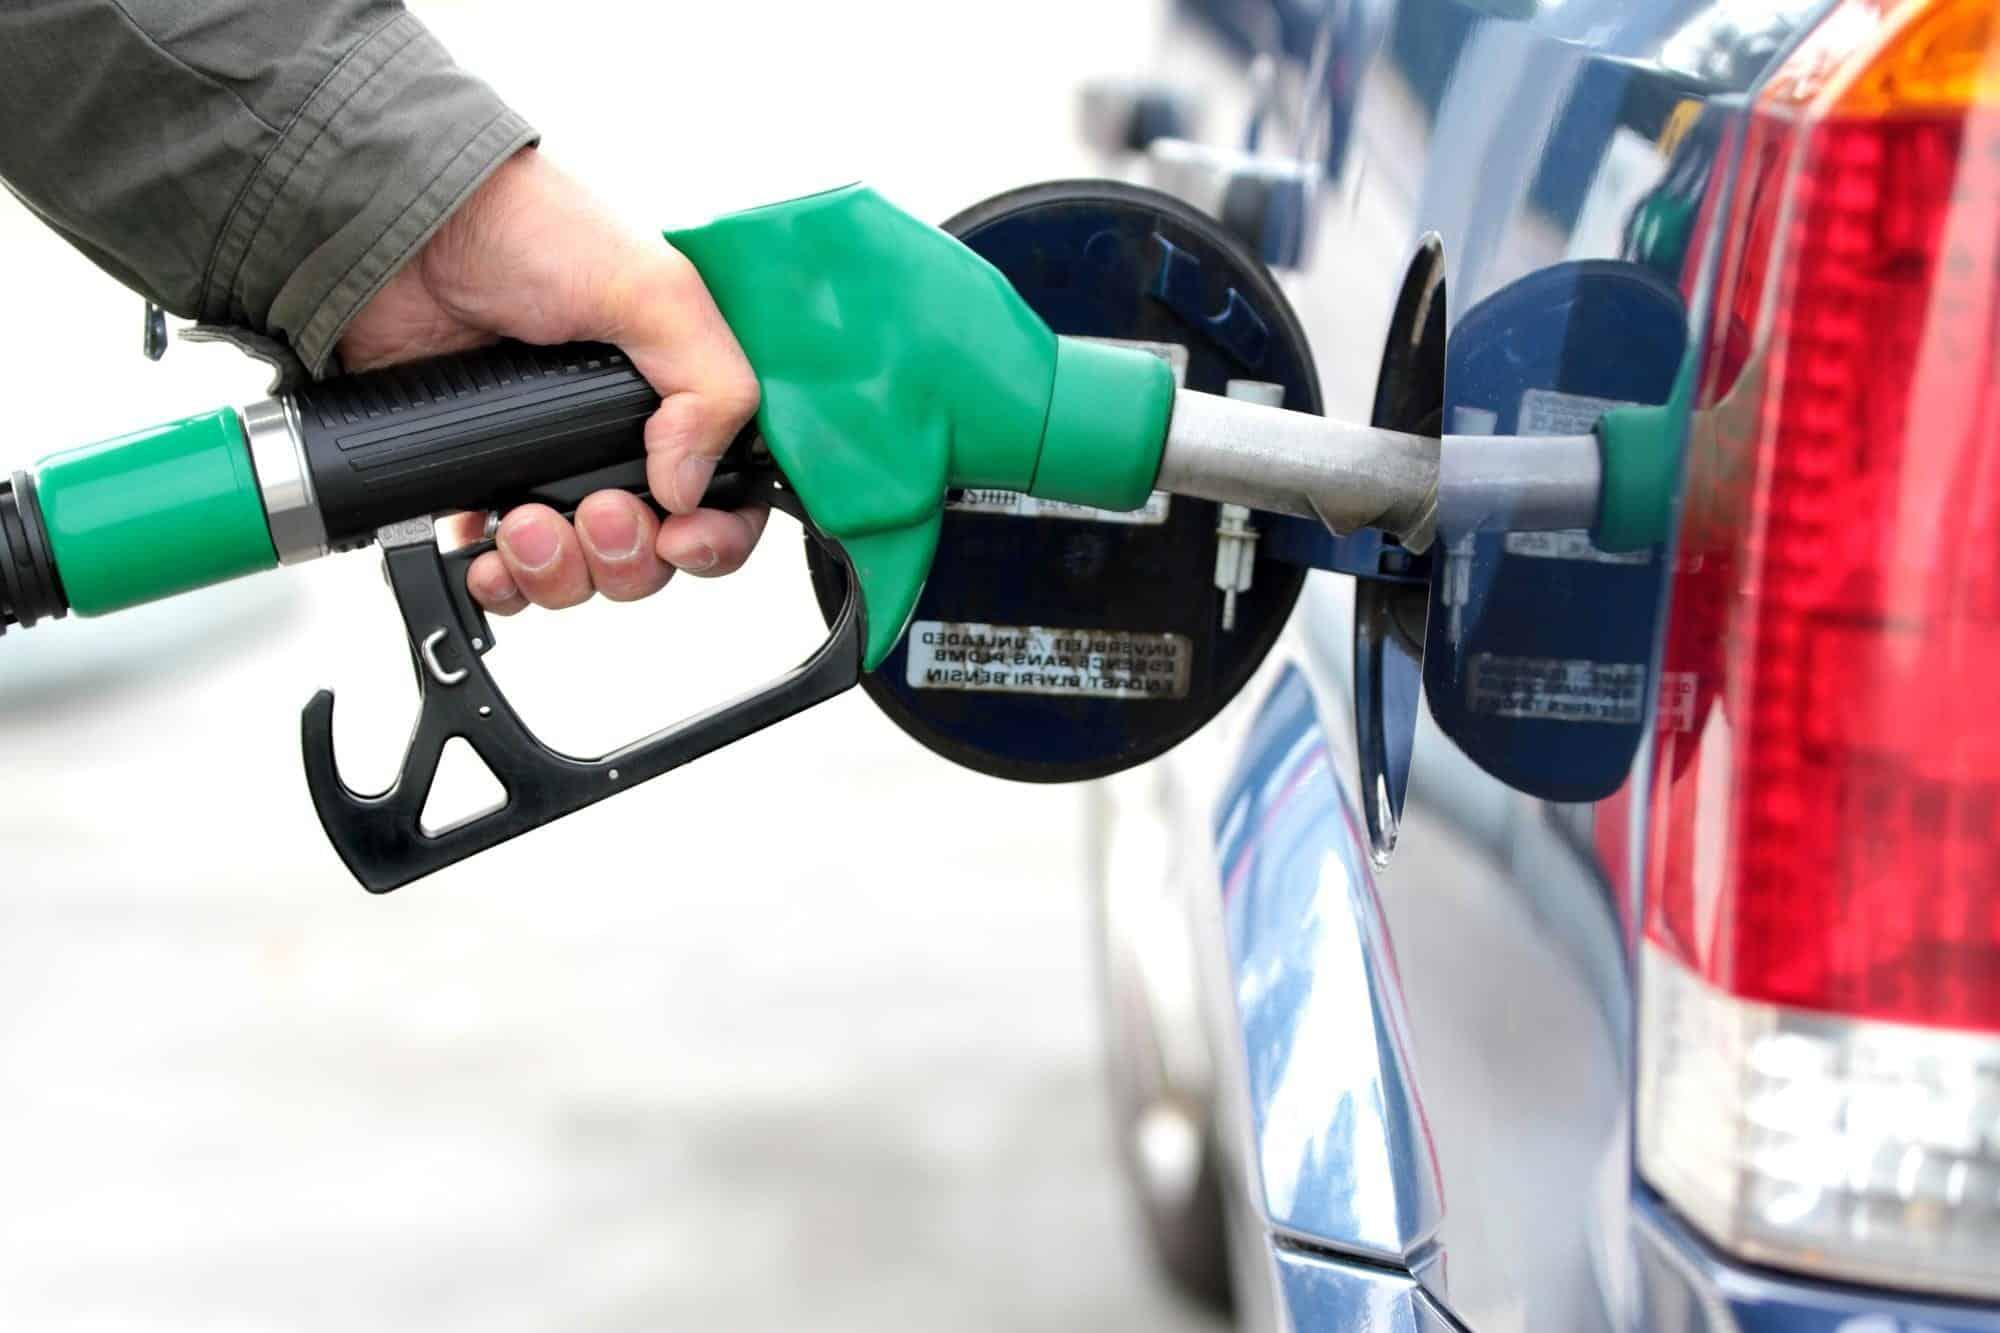 Golpes de trânsito gasolina adulterada